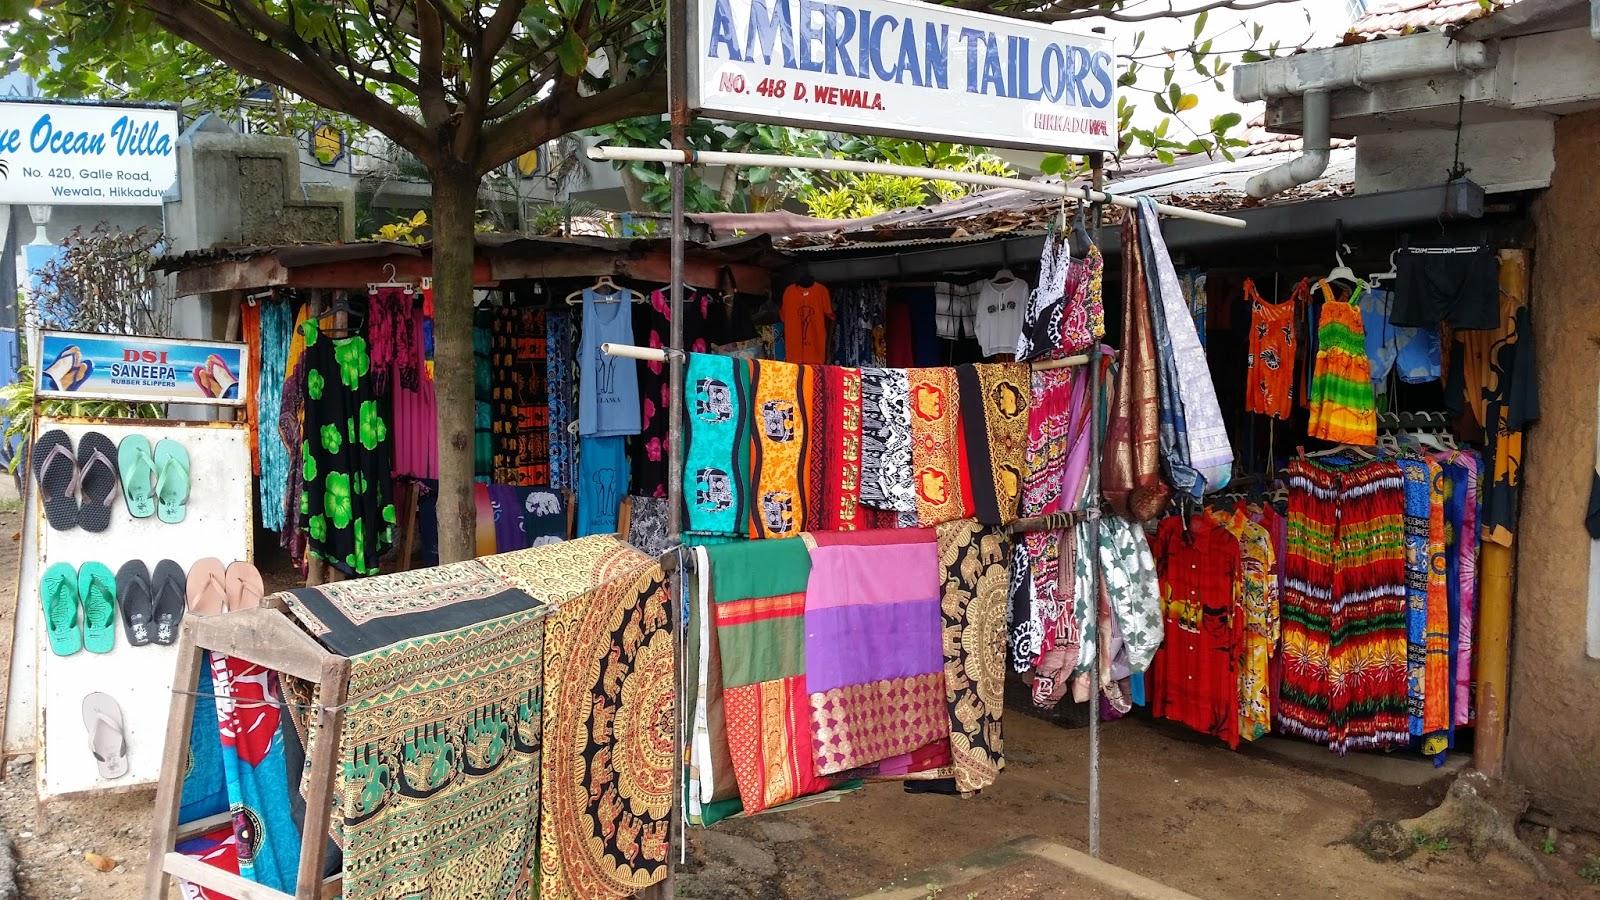 Tiendas de artesanía en Hikkaduwa (Sri Lanka)